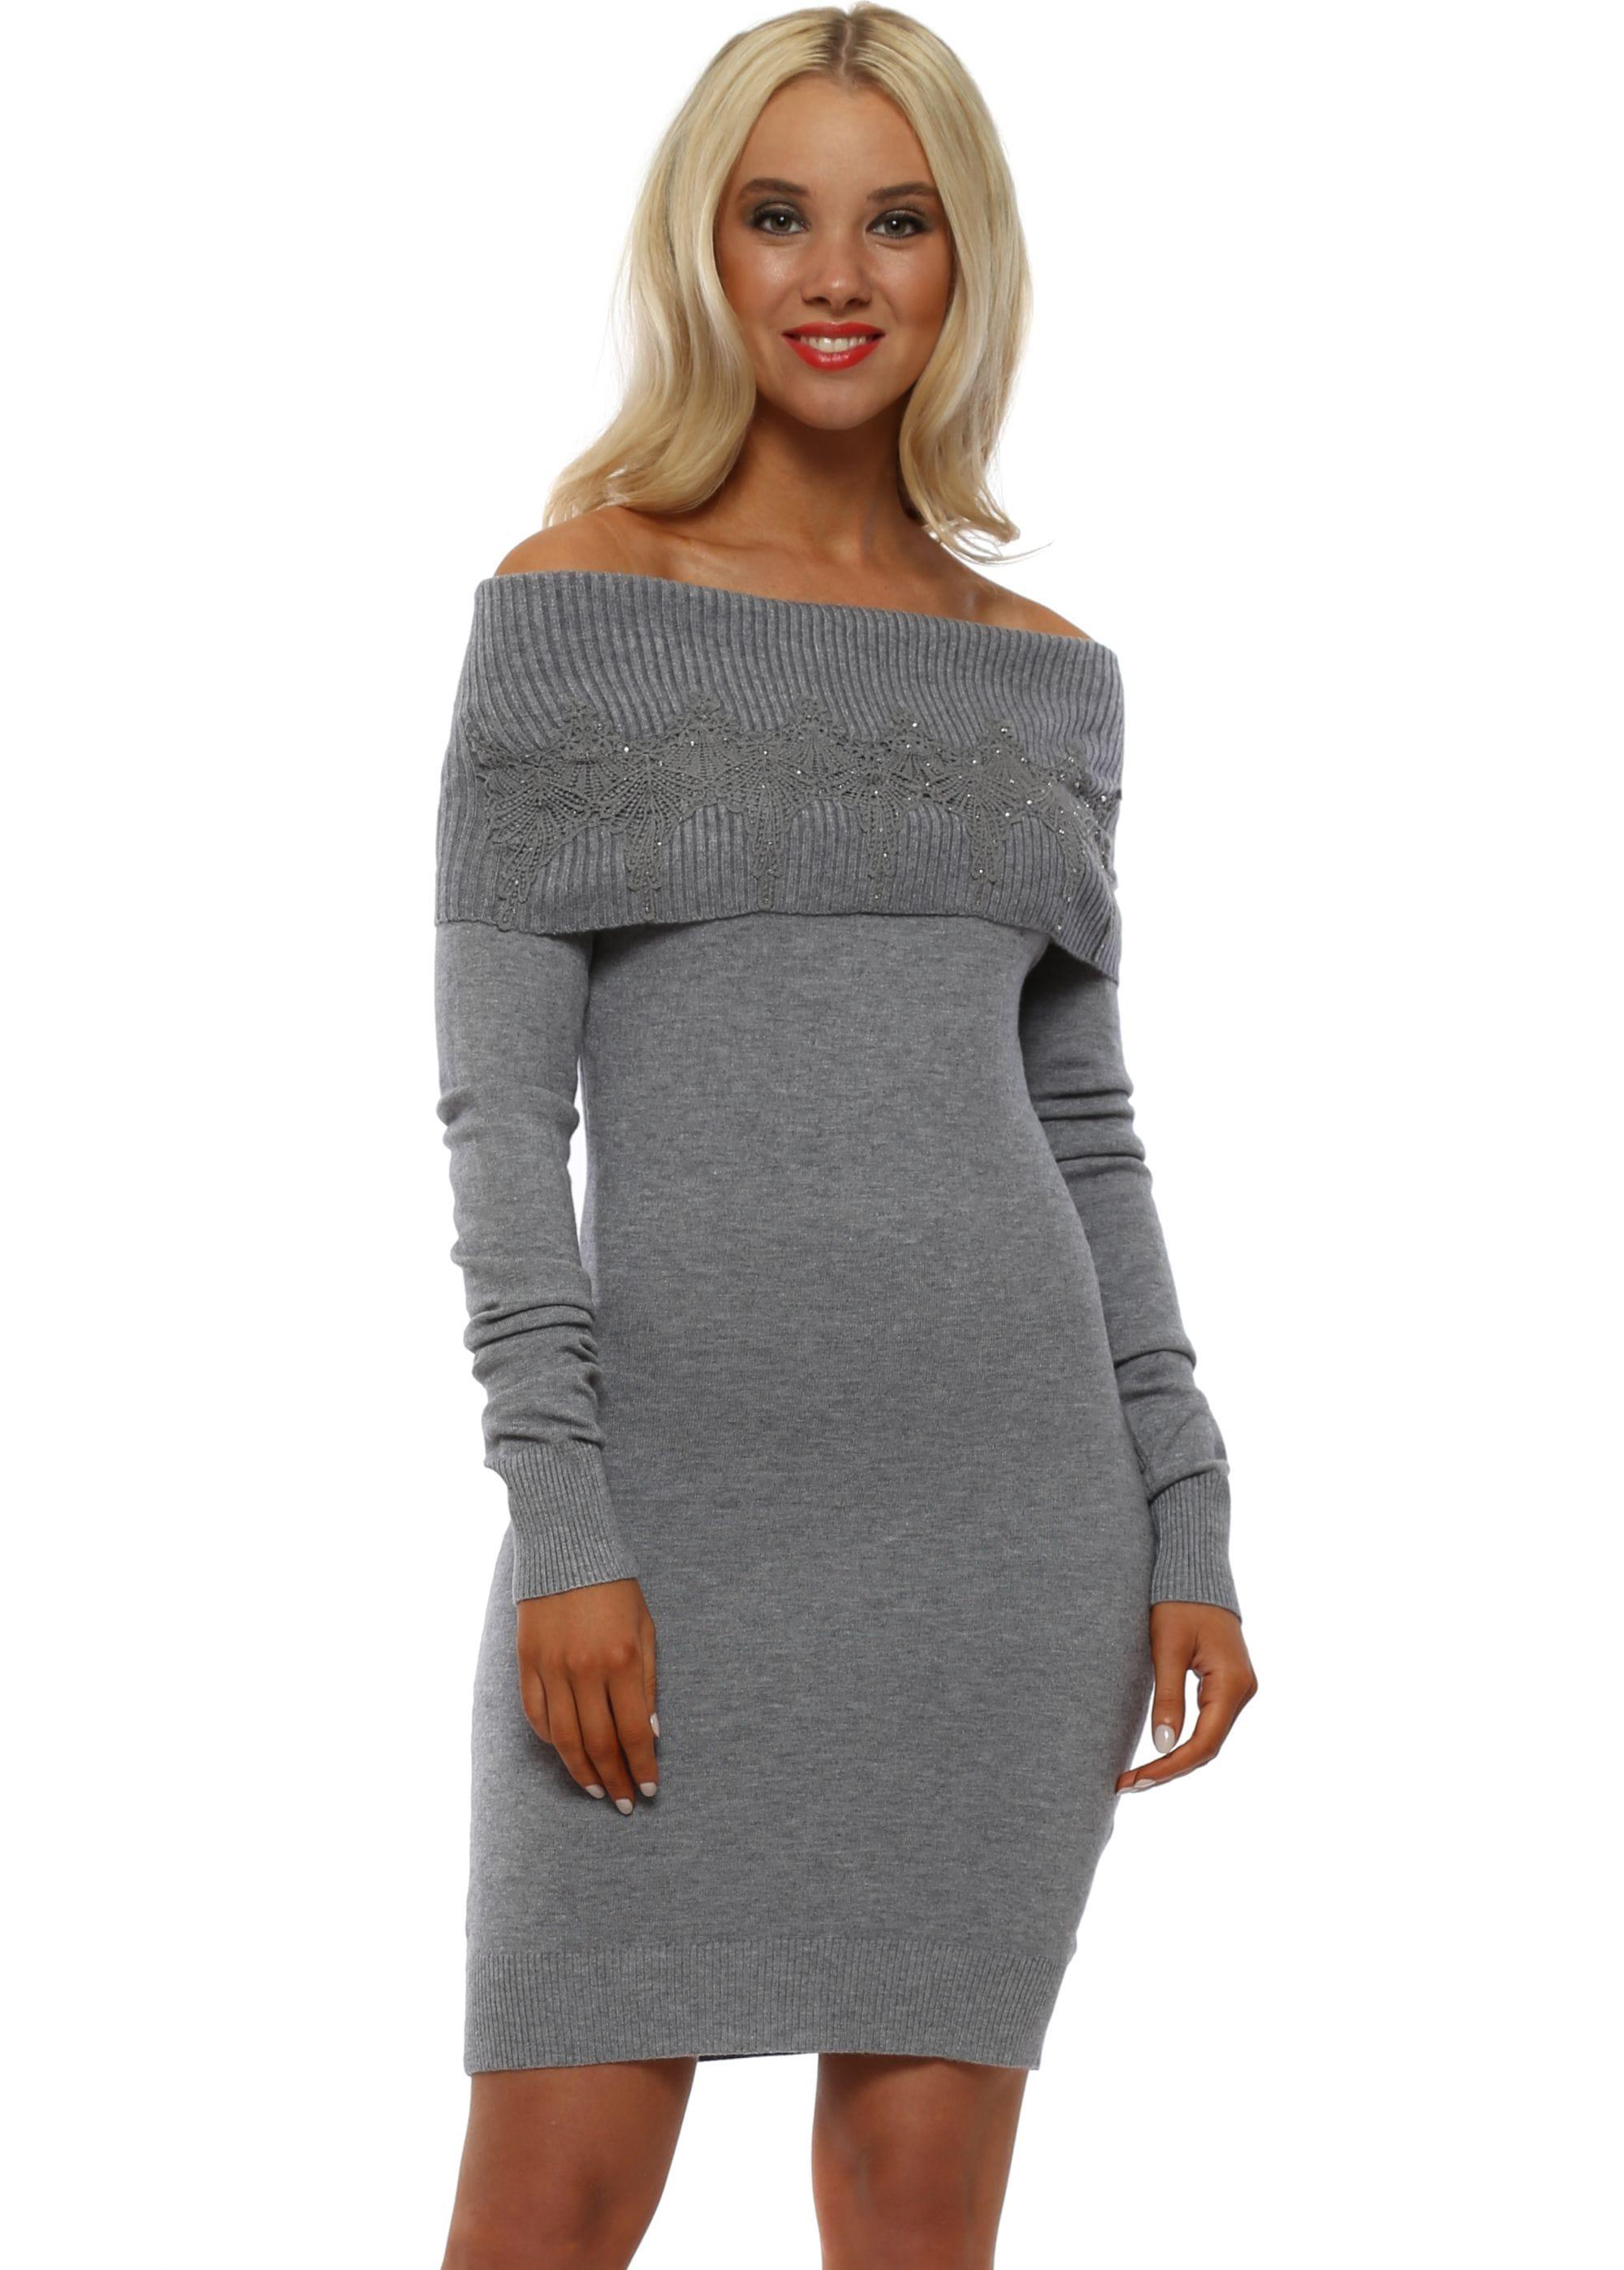 53e2d5516c Whoo Paris Grey Off The Shoulder Jumper Dress